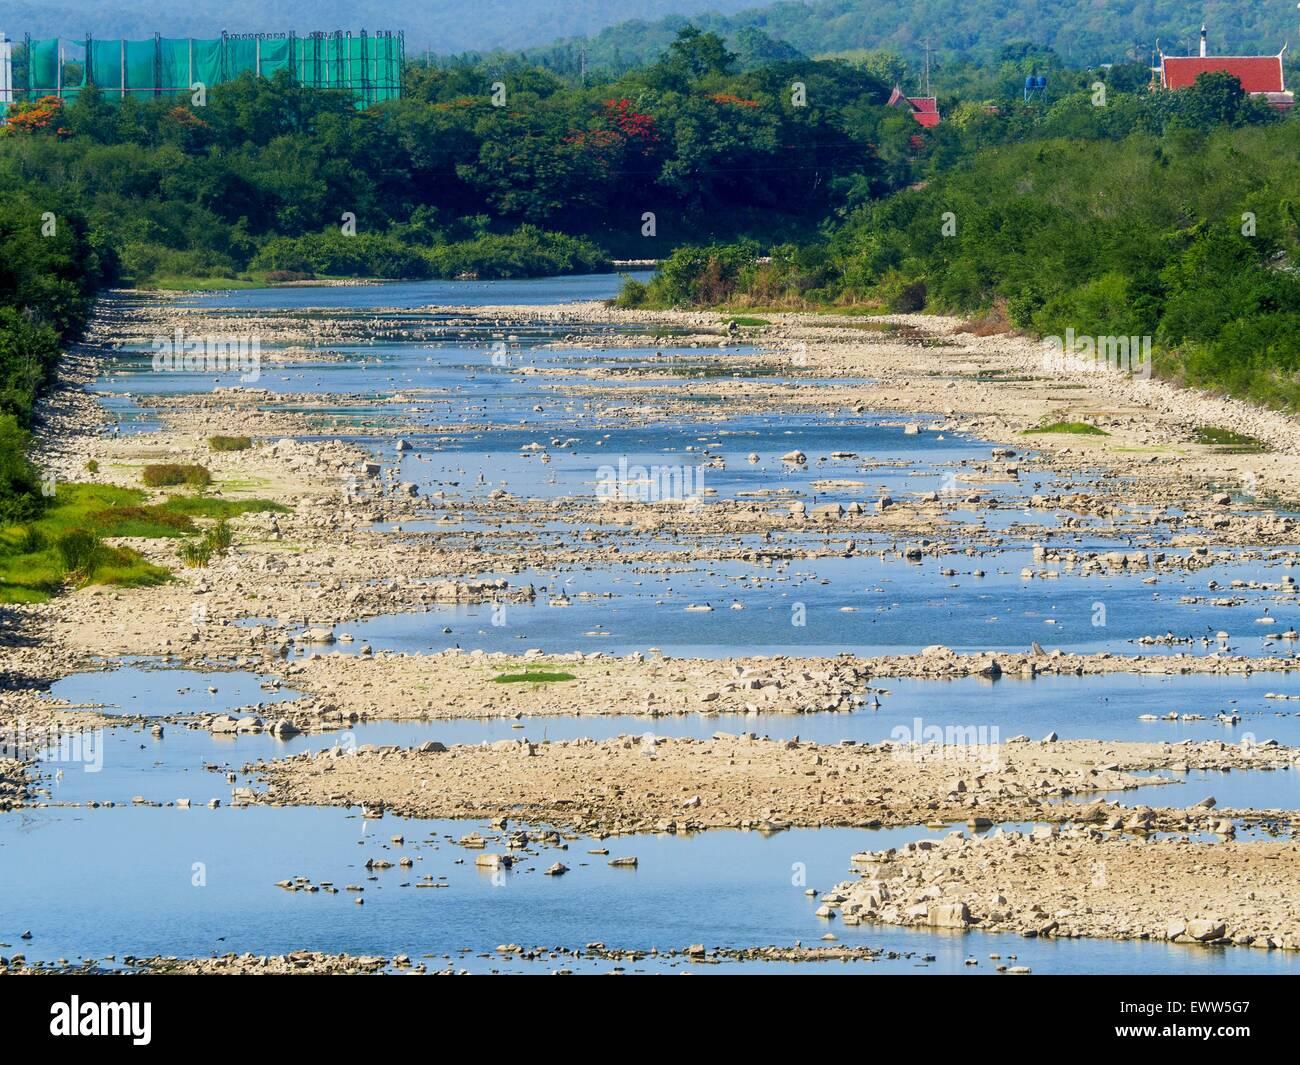 Nong Bua, Lopburi, Tailandia. El 1 de julio de 2015. El principal canal de riego que sale Pa Sak Dam es seco. Normalmente es completamente llena en esta época del año. Tailandia Central está compitiendo con la sequía. Según una estimación, aproximadamente el 80 por ciento de las tierras agrícolas de Tailandia está en condiciones similares a las de la sequía y los agricultores han dicho que dejan de sembrar nuevas siembras de arroz, el principal cultivo comercial del área. Agua en los embalses están por debajo del 10 por ciento de su capacidad, un registro bajo. En algunos depósitos de agua es tan baja, el agua ya no fluye a través de las gradas y en su lugar tiene que ser bombeado fuera del depósito A Foto de stock